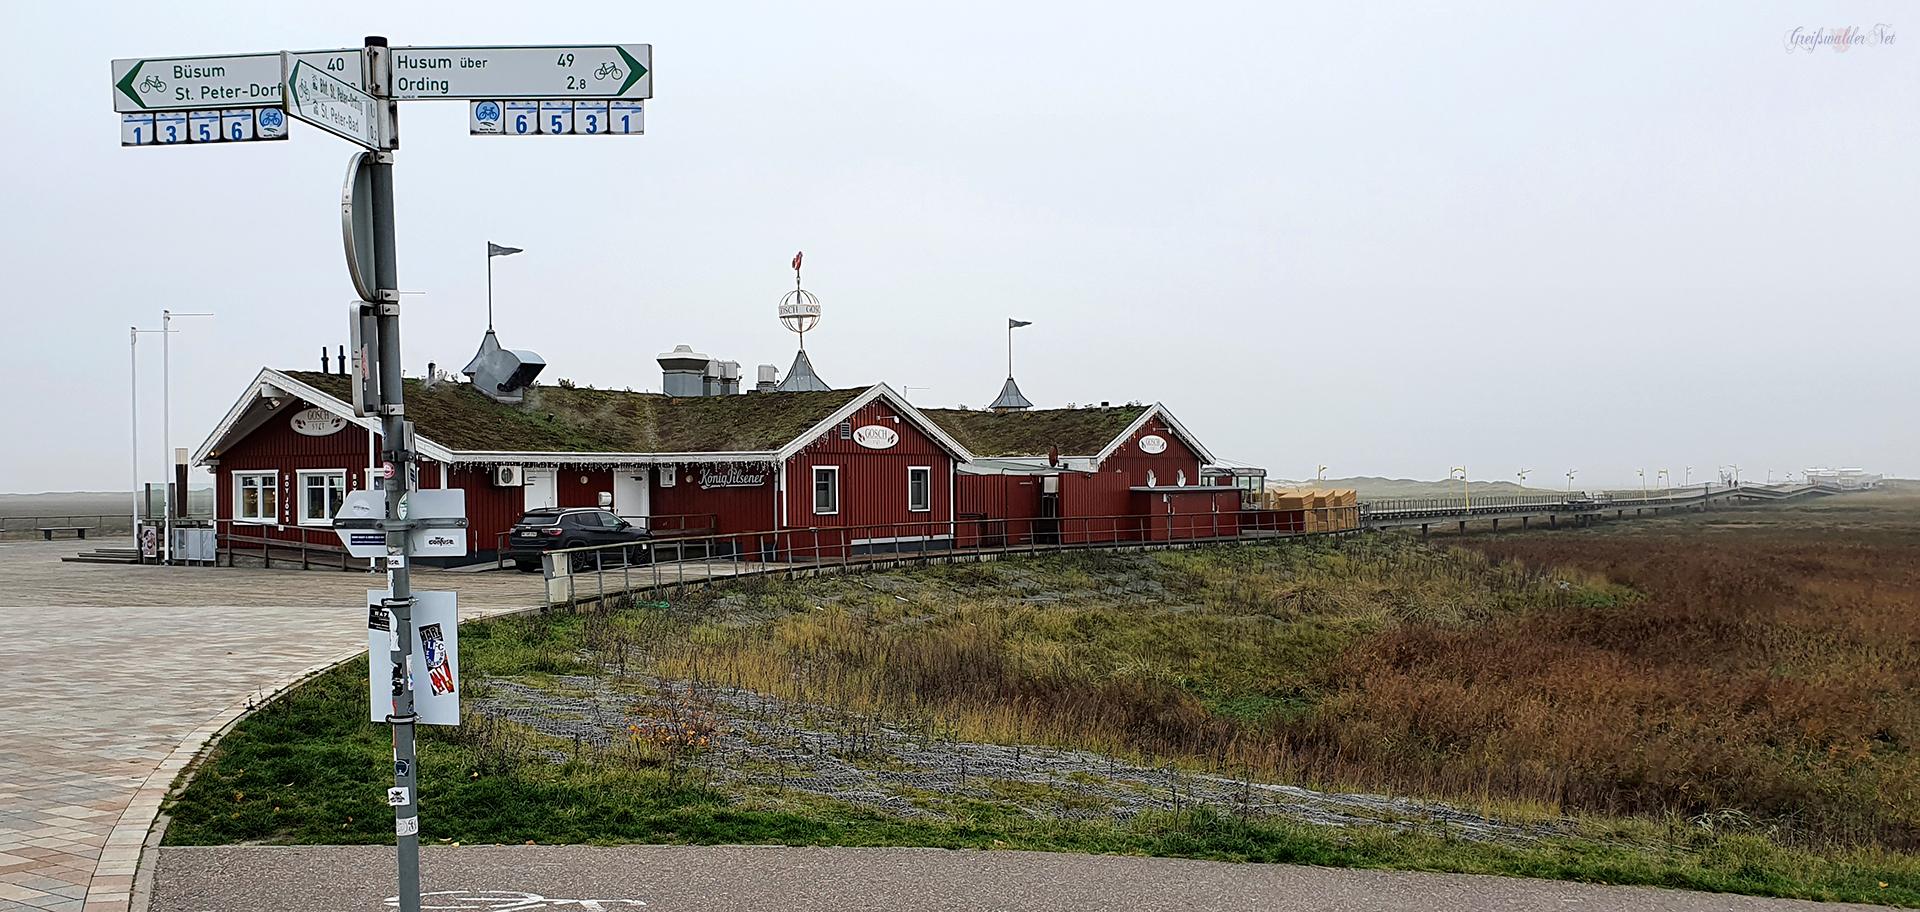 Nordseestrand von St. Peter-Ording im Herbst, Zu dieser Zeit war Ebbe an der Nordsee.